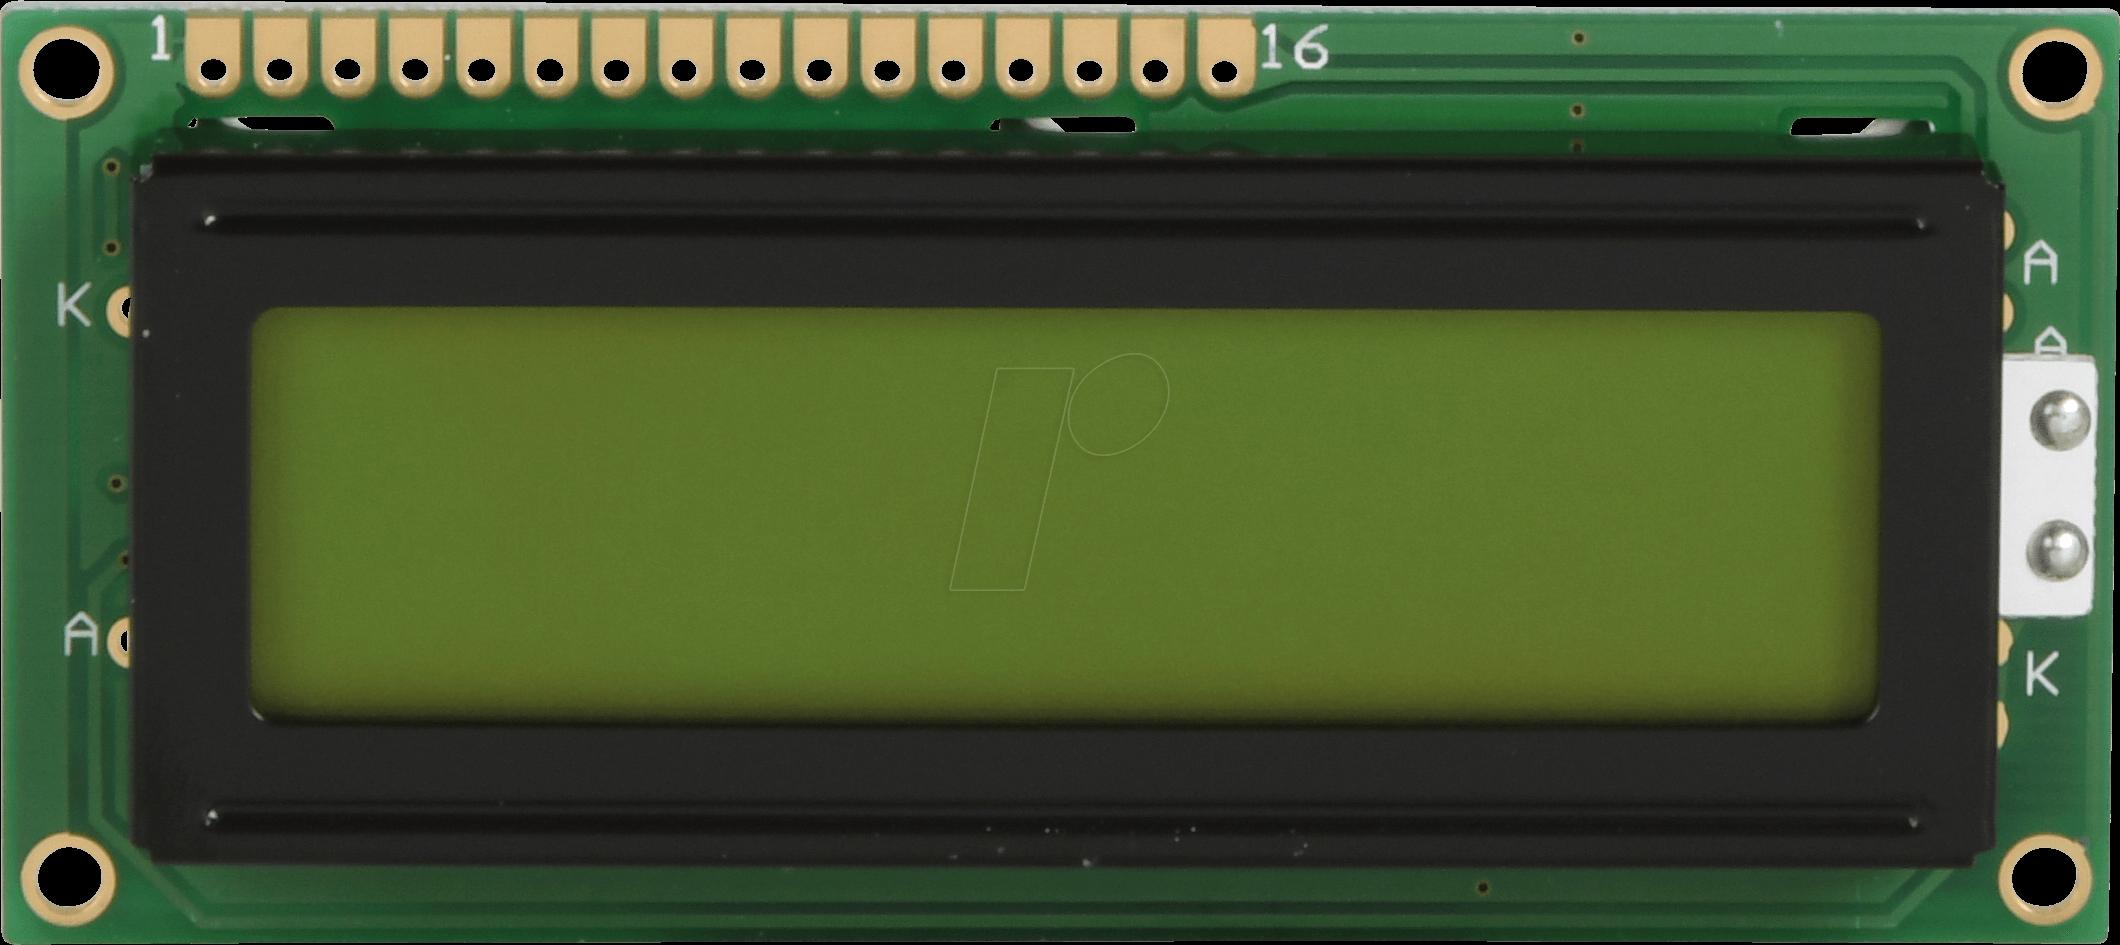 https://cdn-reichelt.de/bilder/web/xxl_ws/A500/LCD-PM_2X16-6_B.png